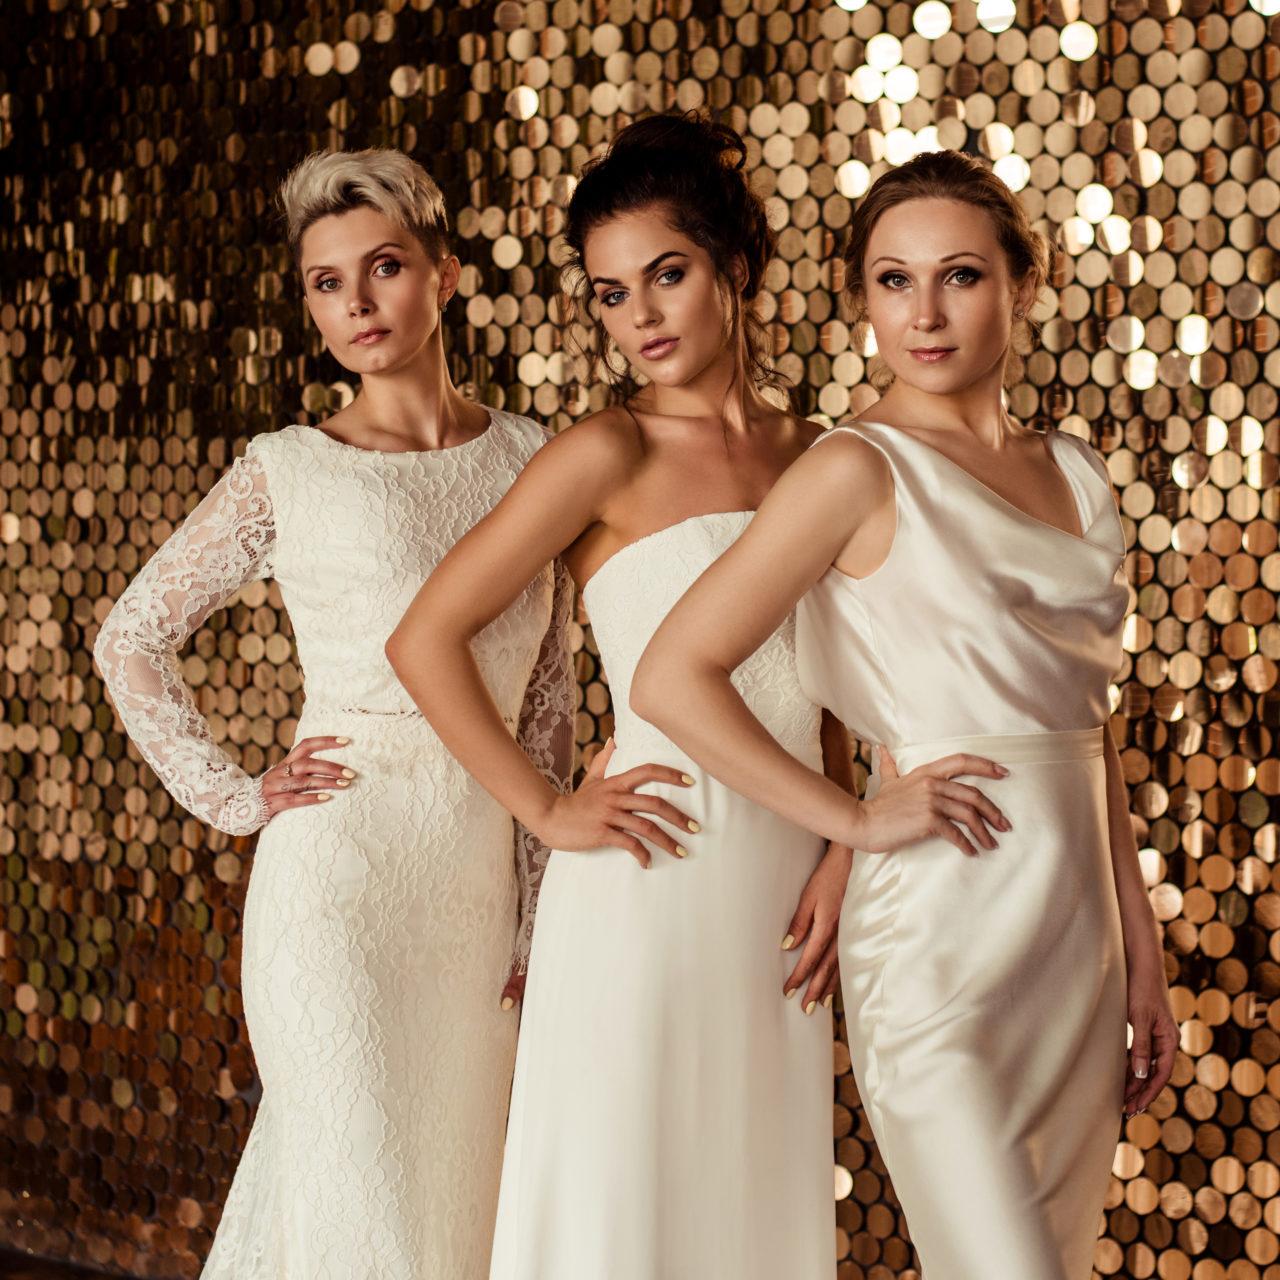 Образ на свадьбу 2020 - салон красоты Персона в Мытищах